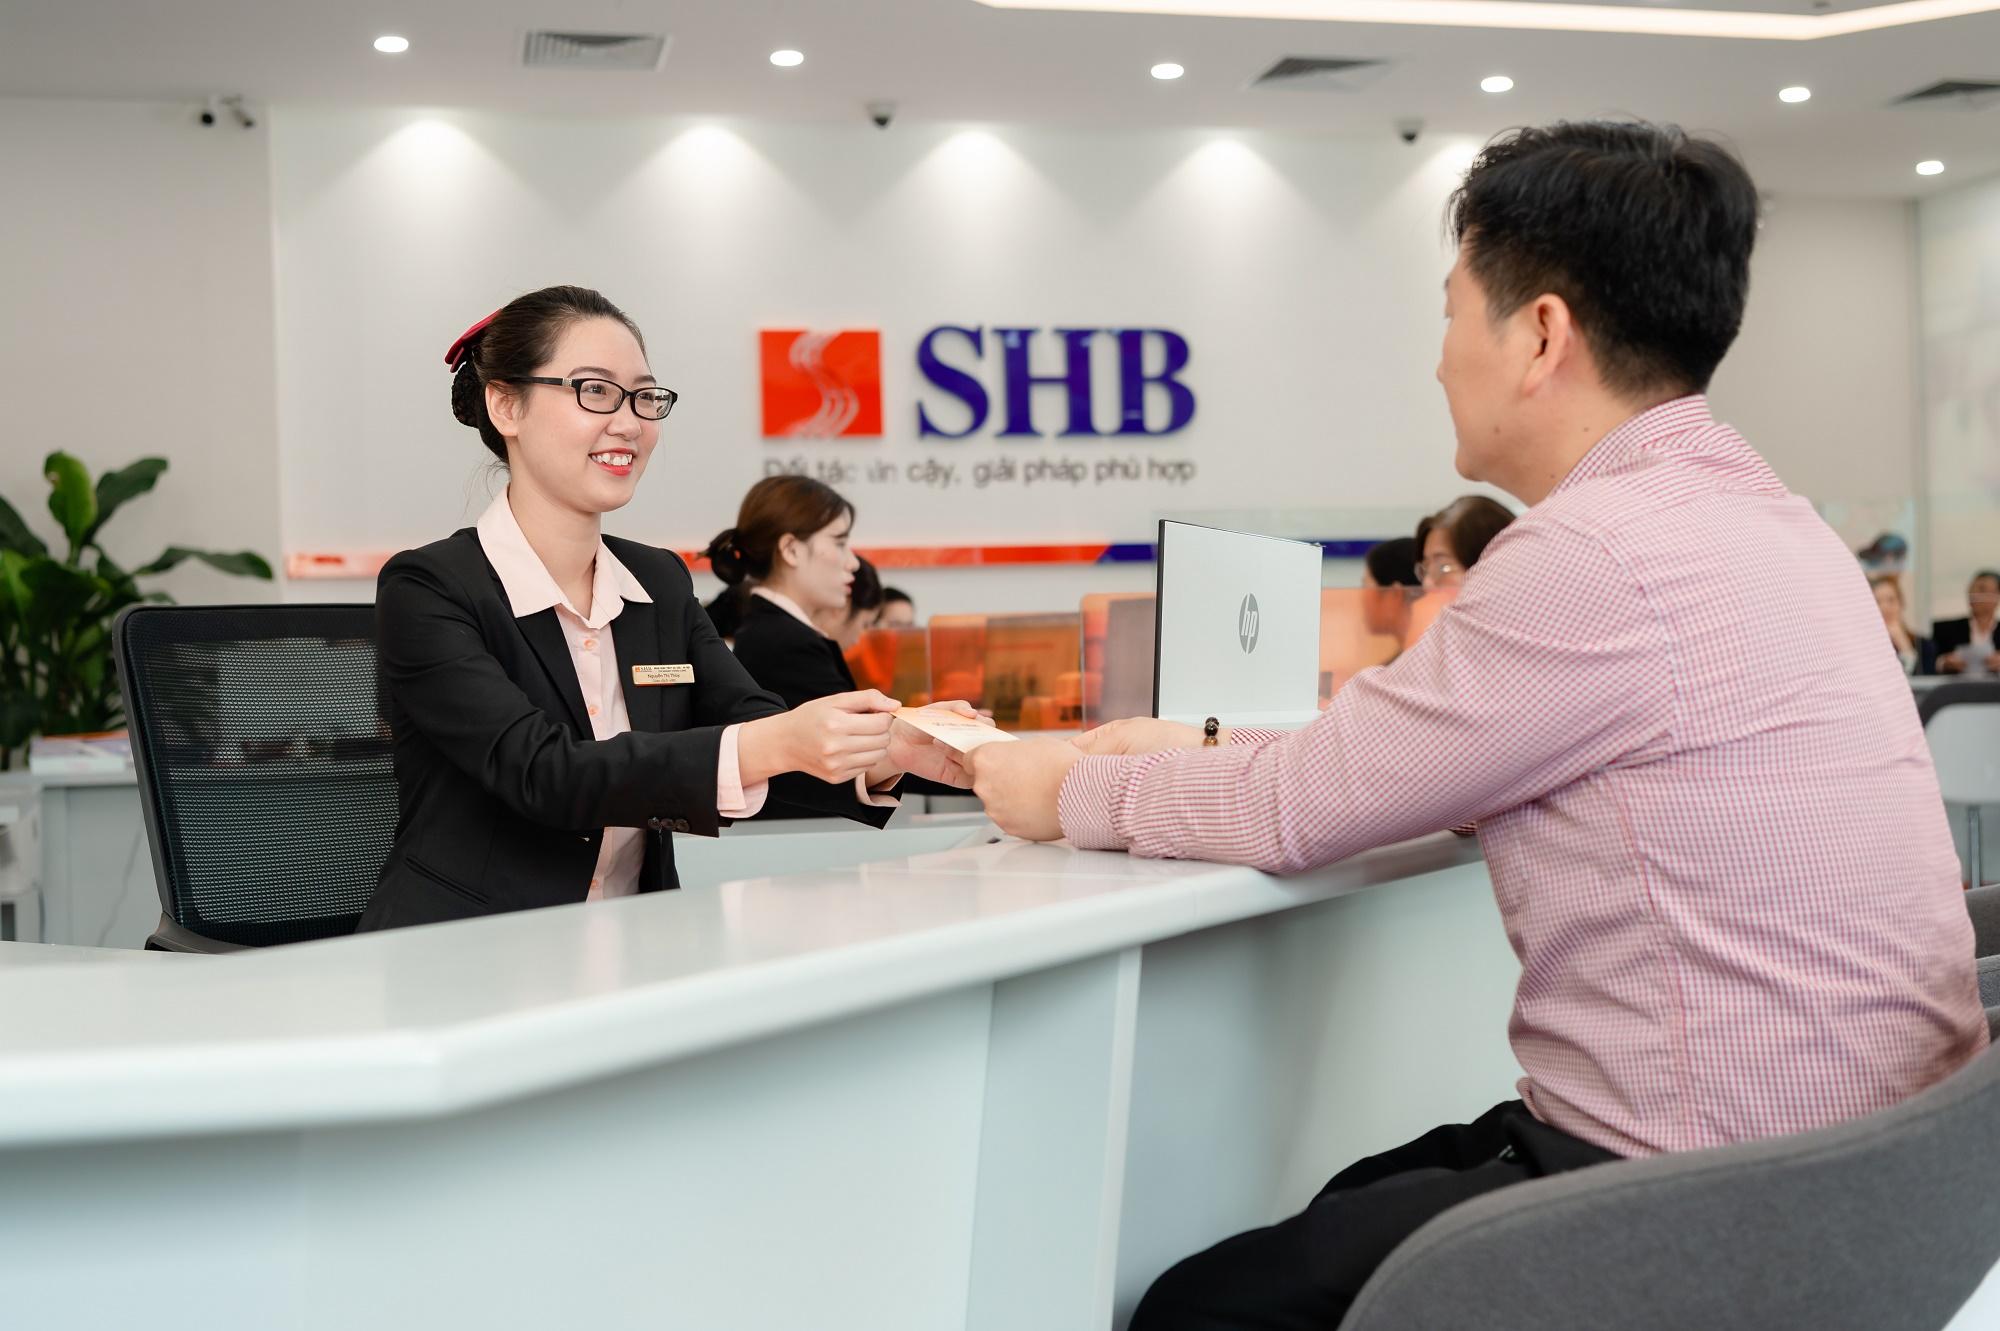 SHB muốn chào bán gần 540 triệu cổ phiếu với giá 12.800 đồng/cp, kế hoạch tăng tưởng lãi tối đa 87% trong năm 2021 - Ảnh 1.